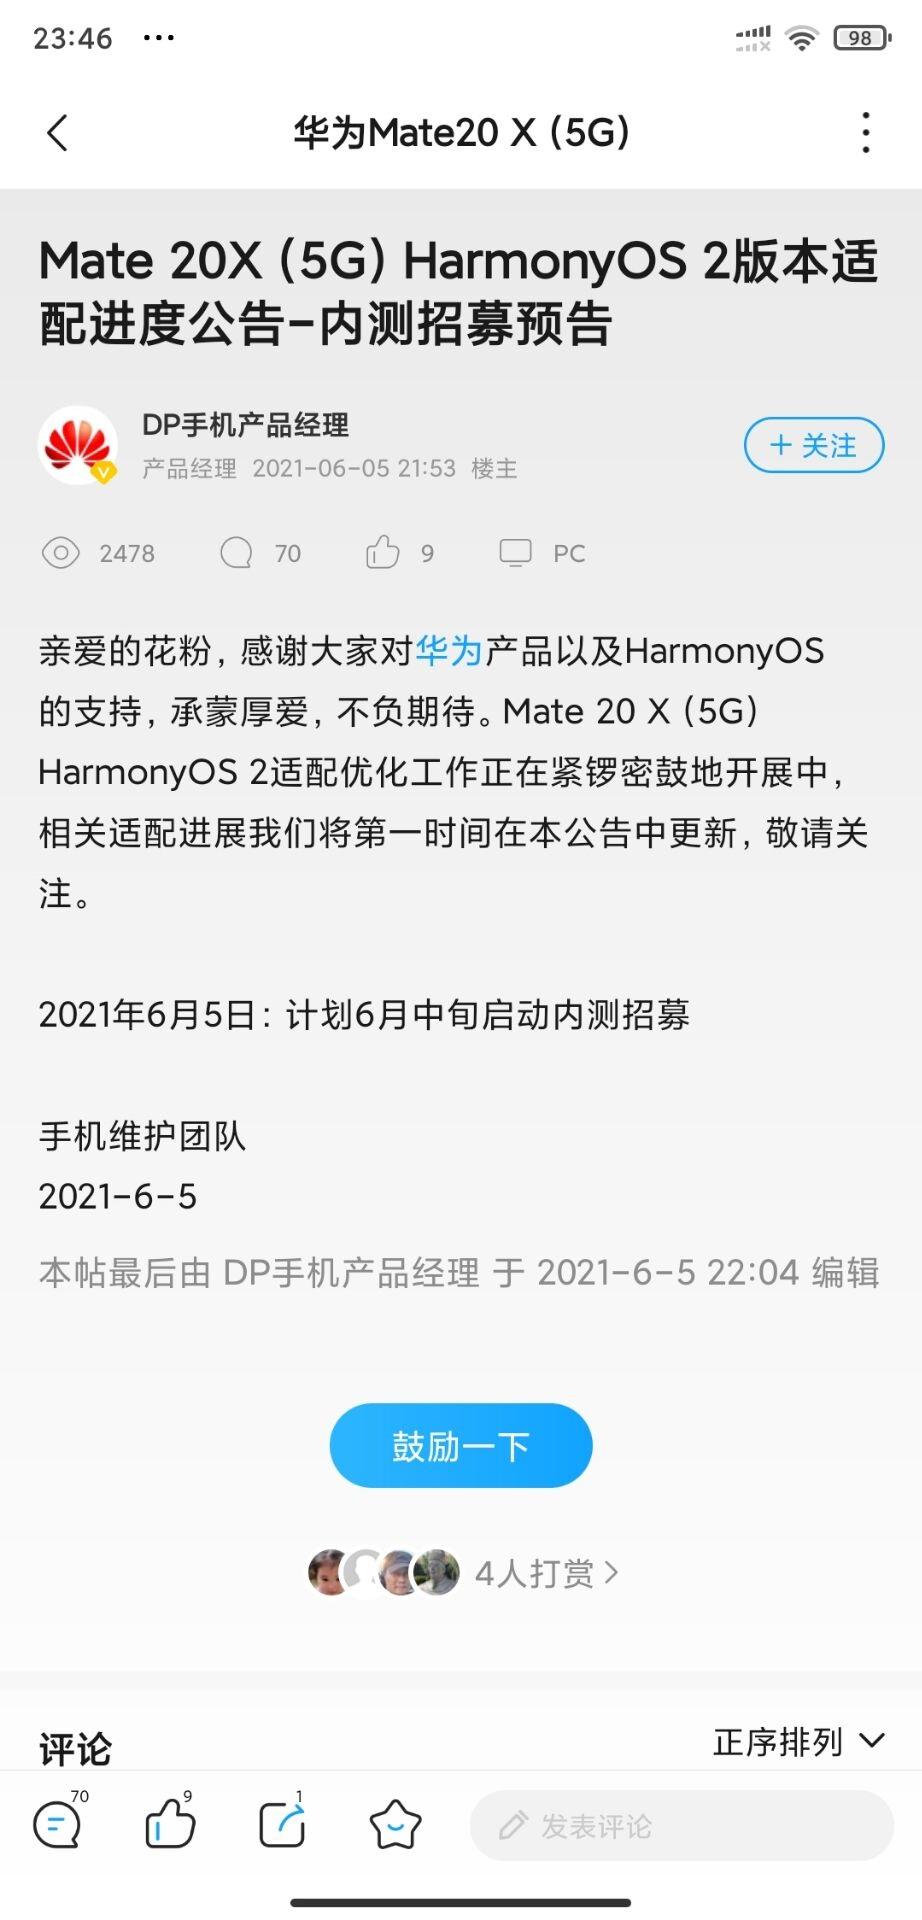 Mate 20X 5G HarmonyOS 2 Beta